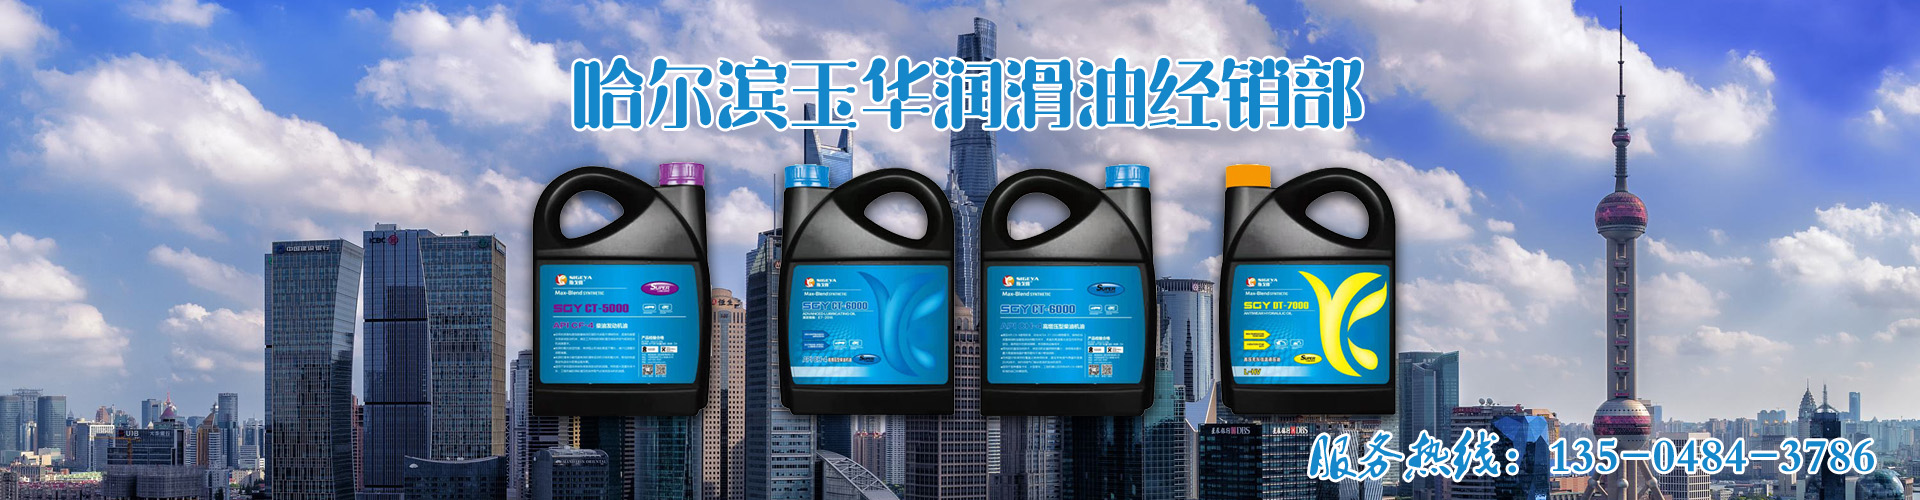 黑龙江润滑油厂家